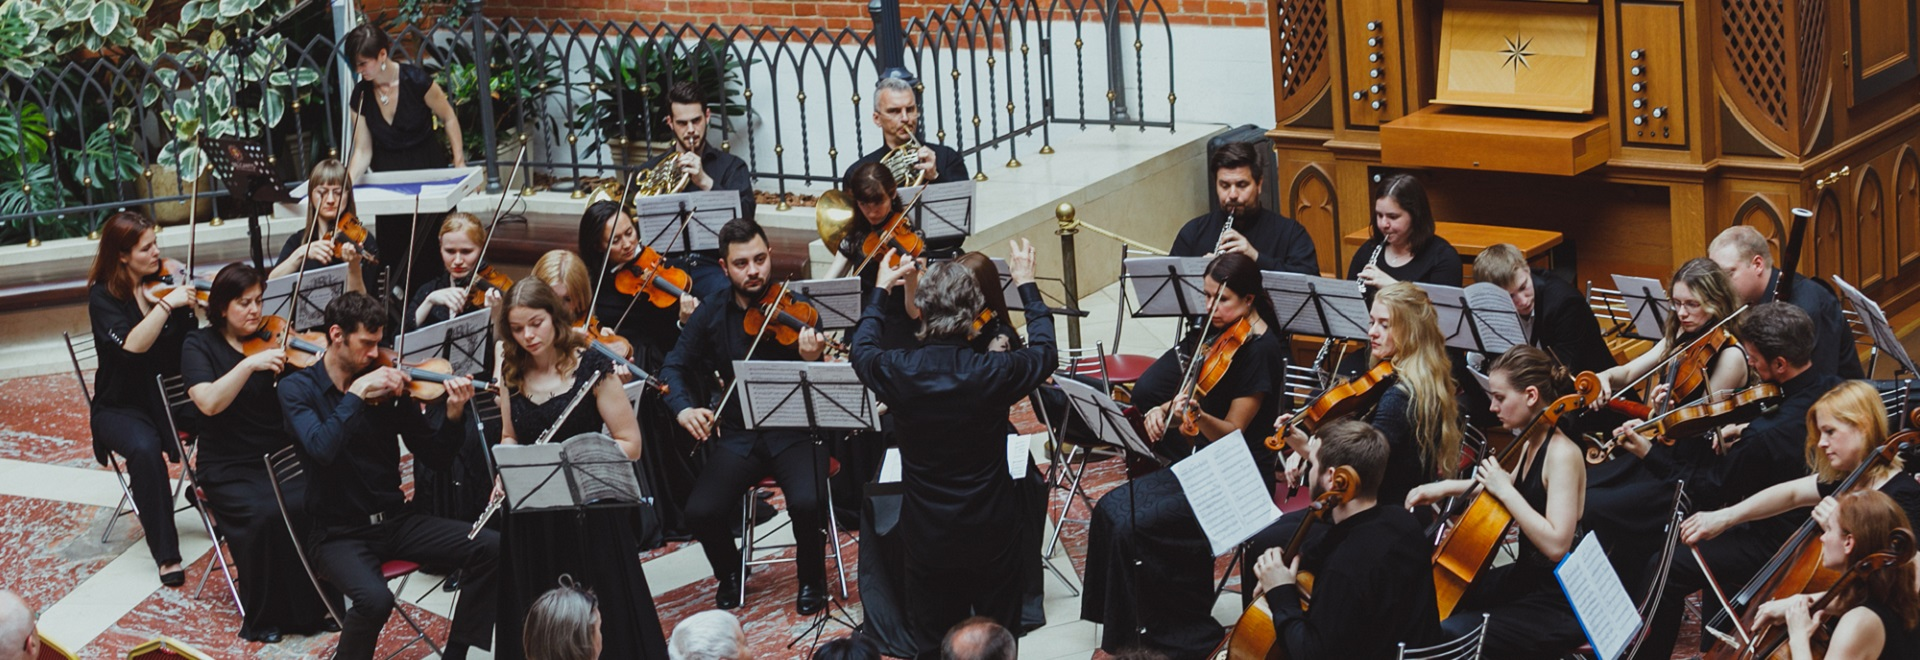 Симфонический оркестр — википедия